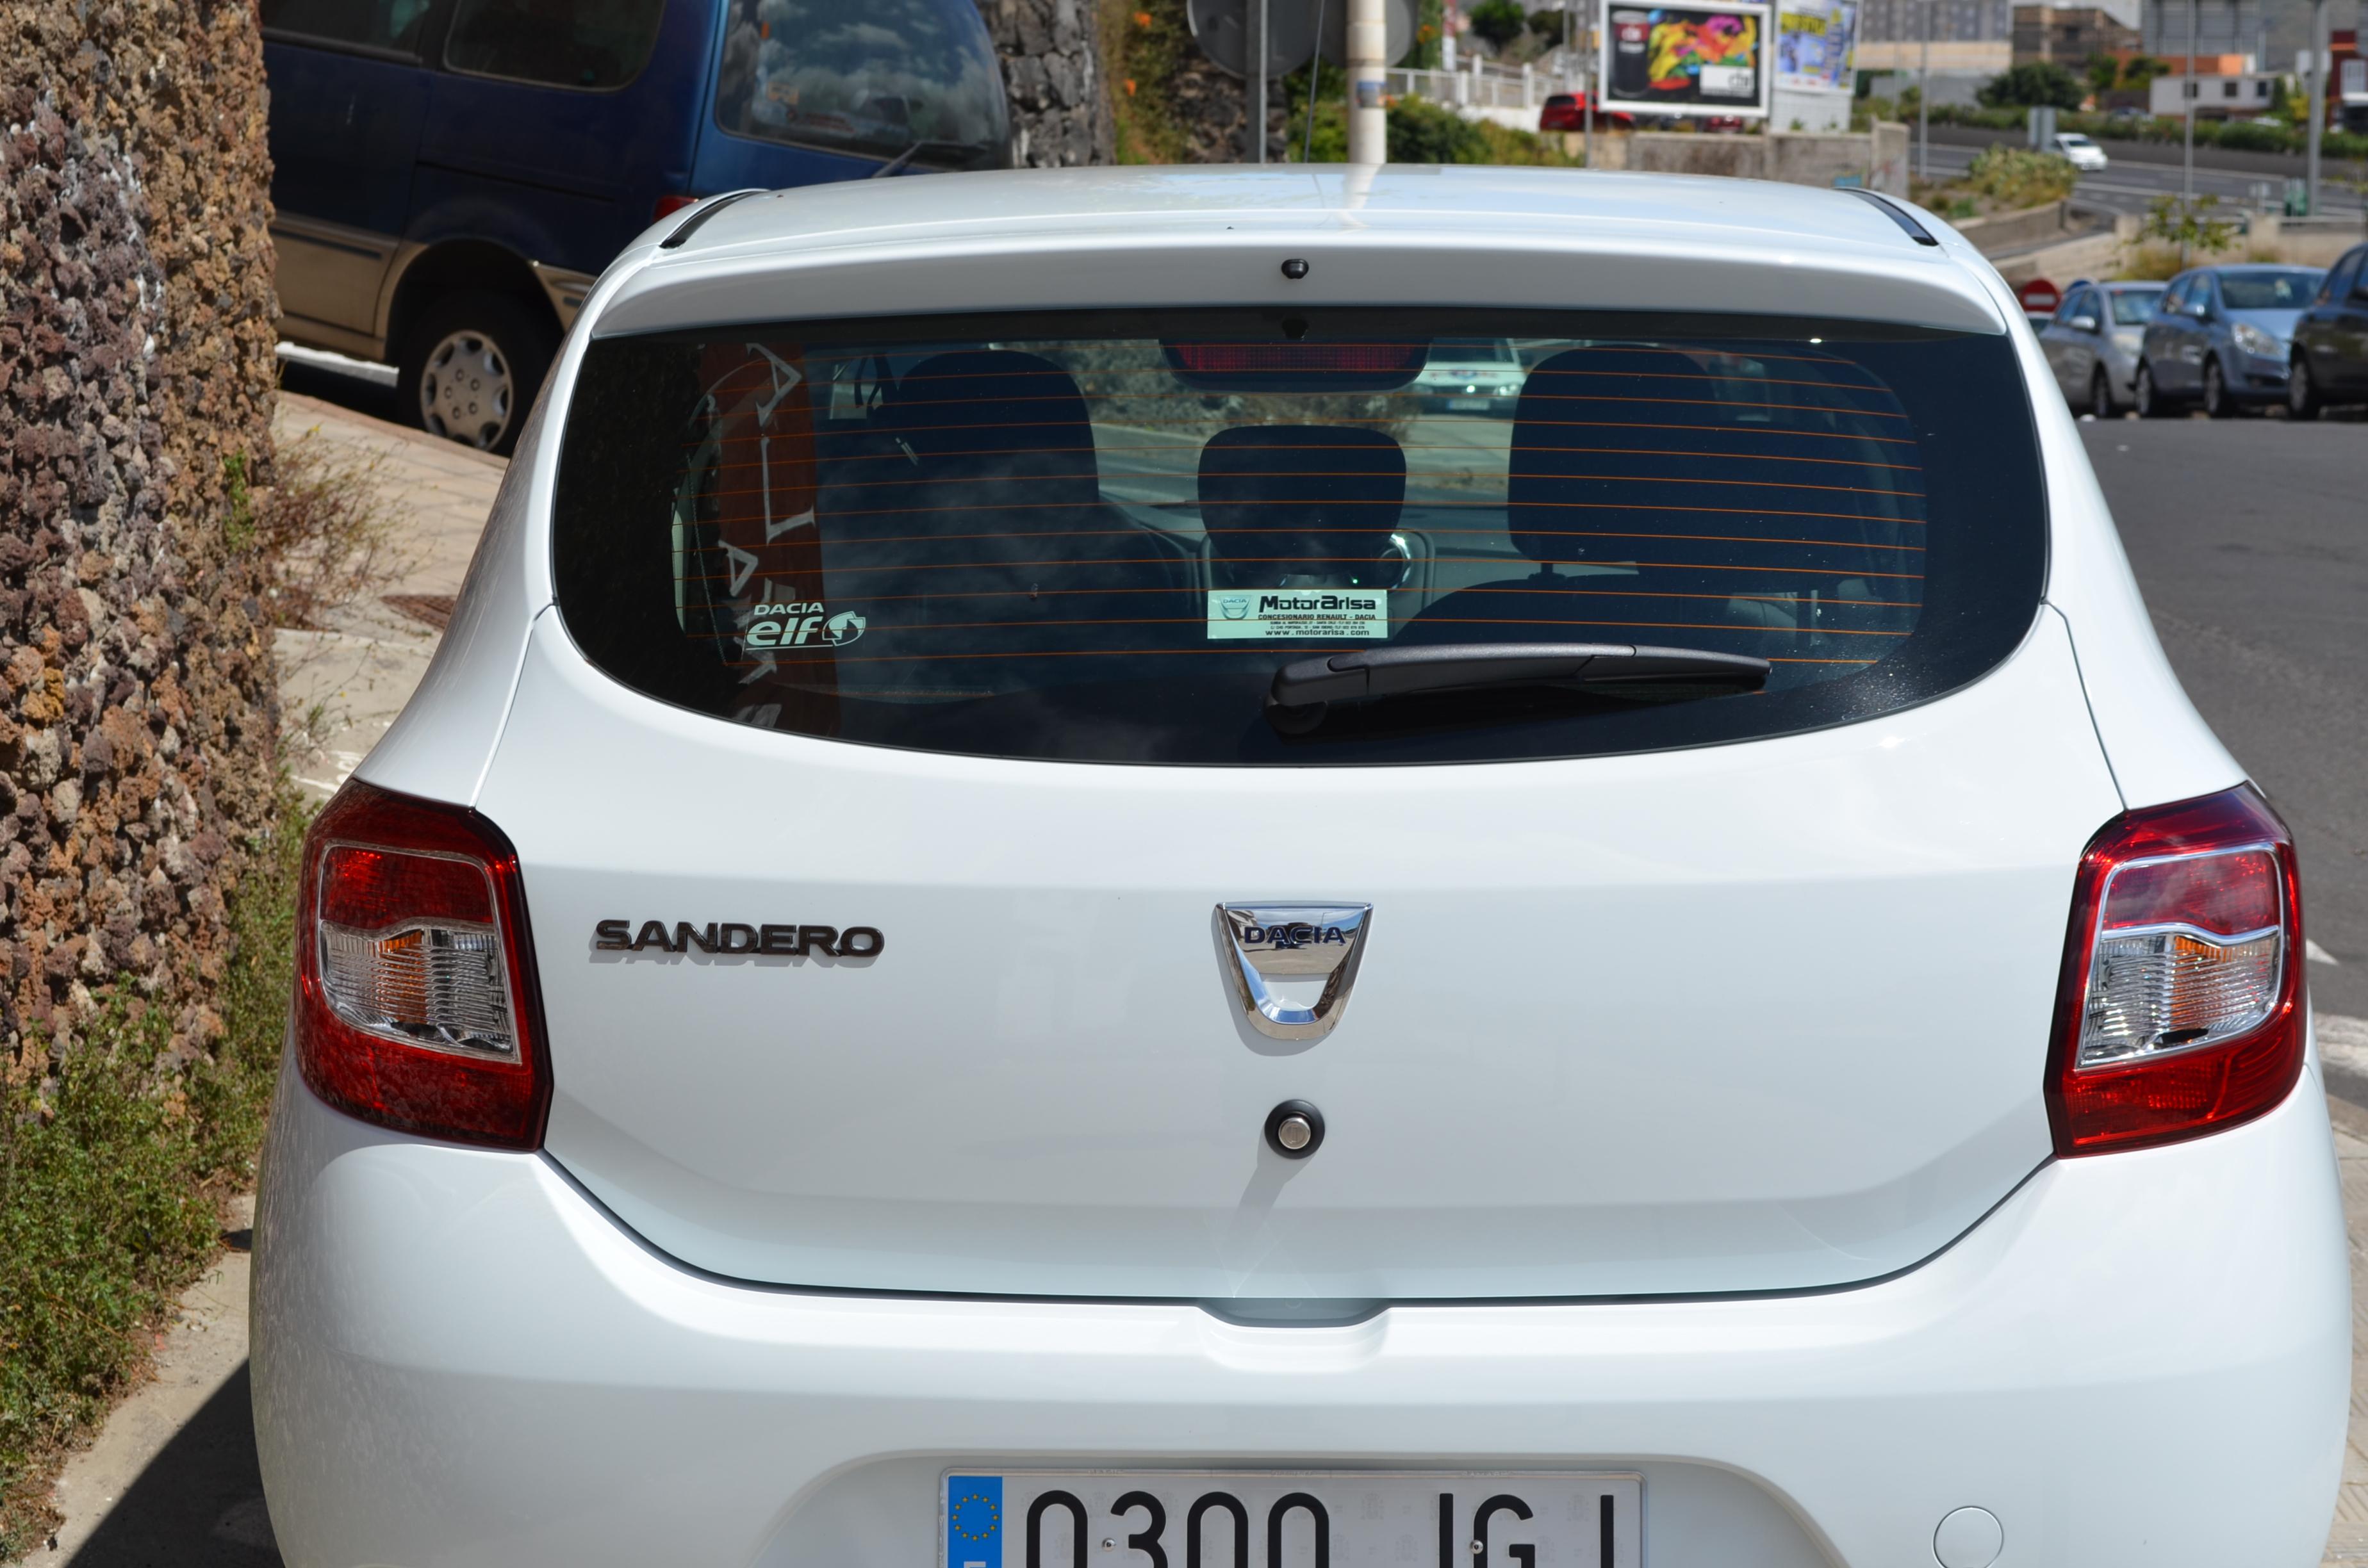 vehiculo de cortesia 002